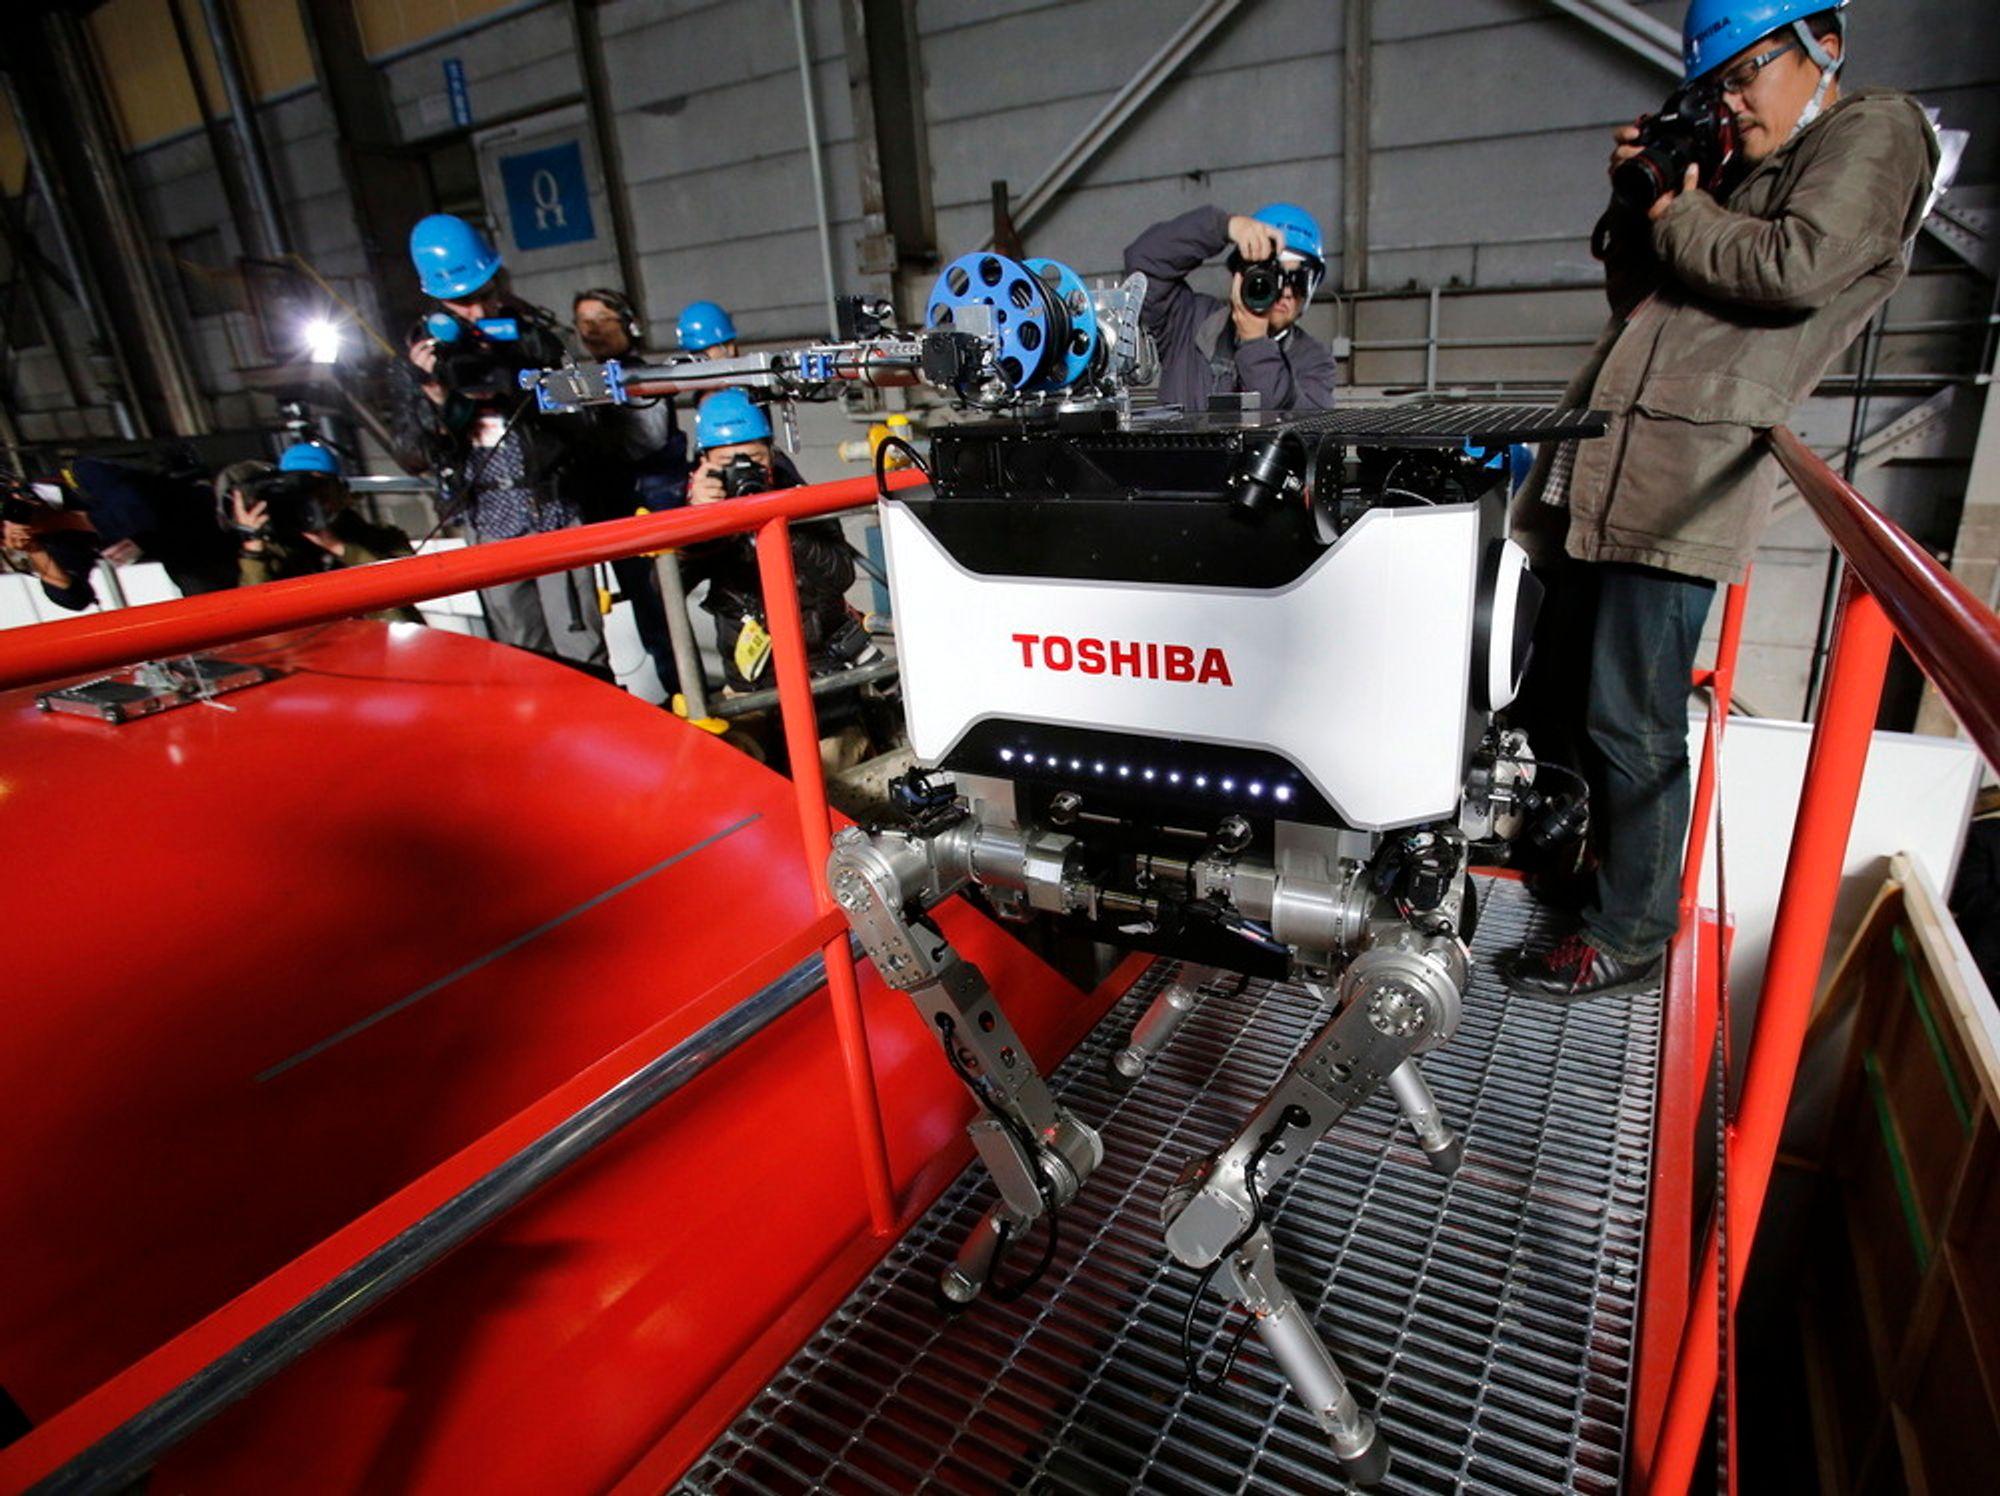 Toshiba har utviklet denne firbente roboten som tåler store mengder radioaktiv stråling. Den skal kunne gå inn i Fukushima-reaktoren. Også i Norge spiller robotene en stadig viktigere rolle i industrien.